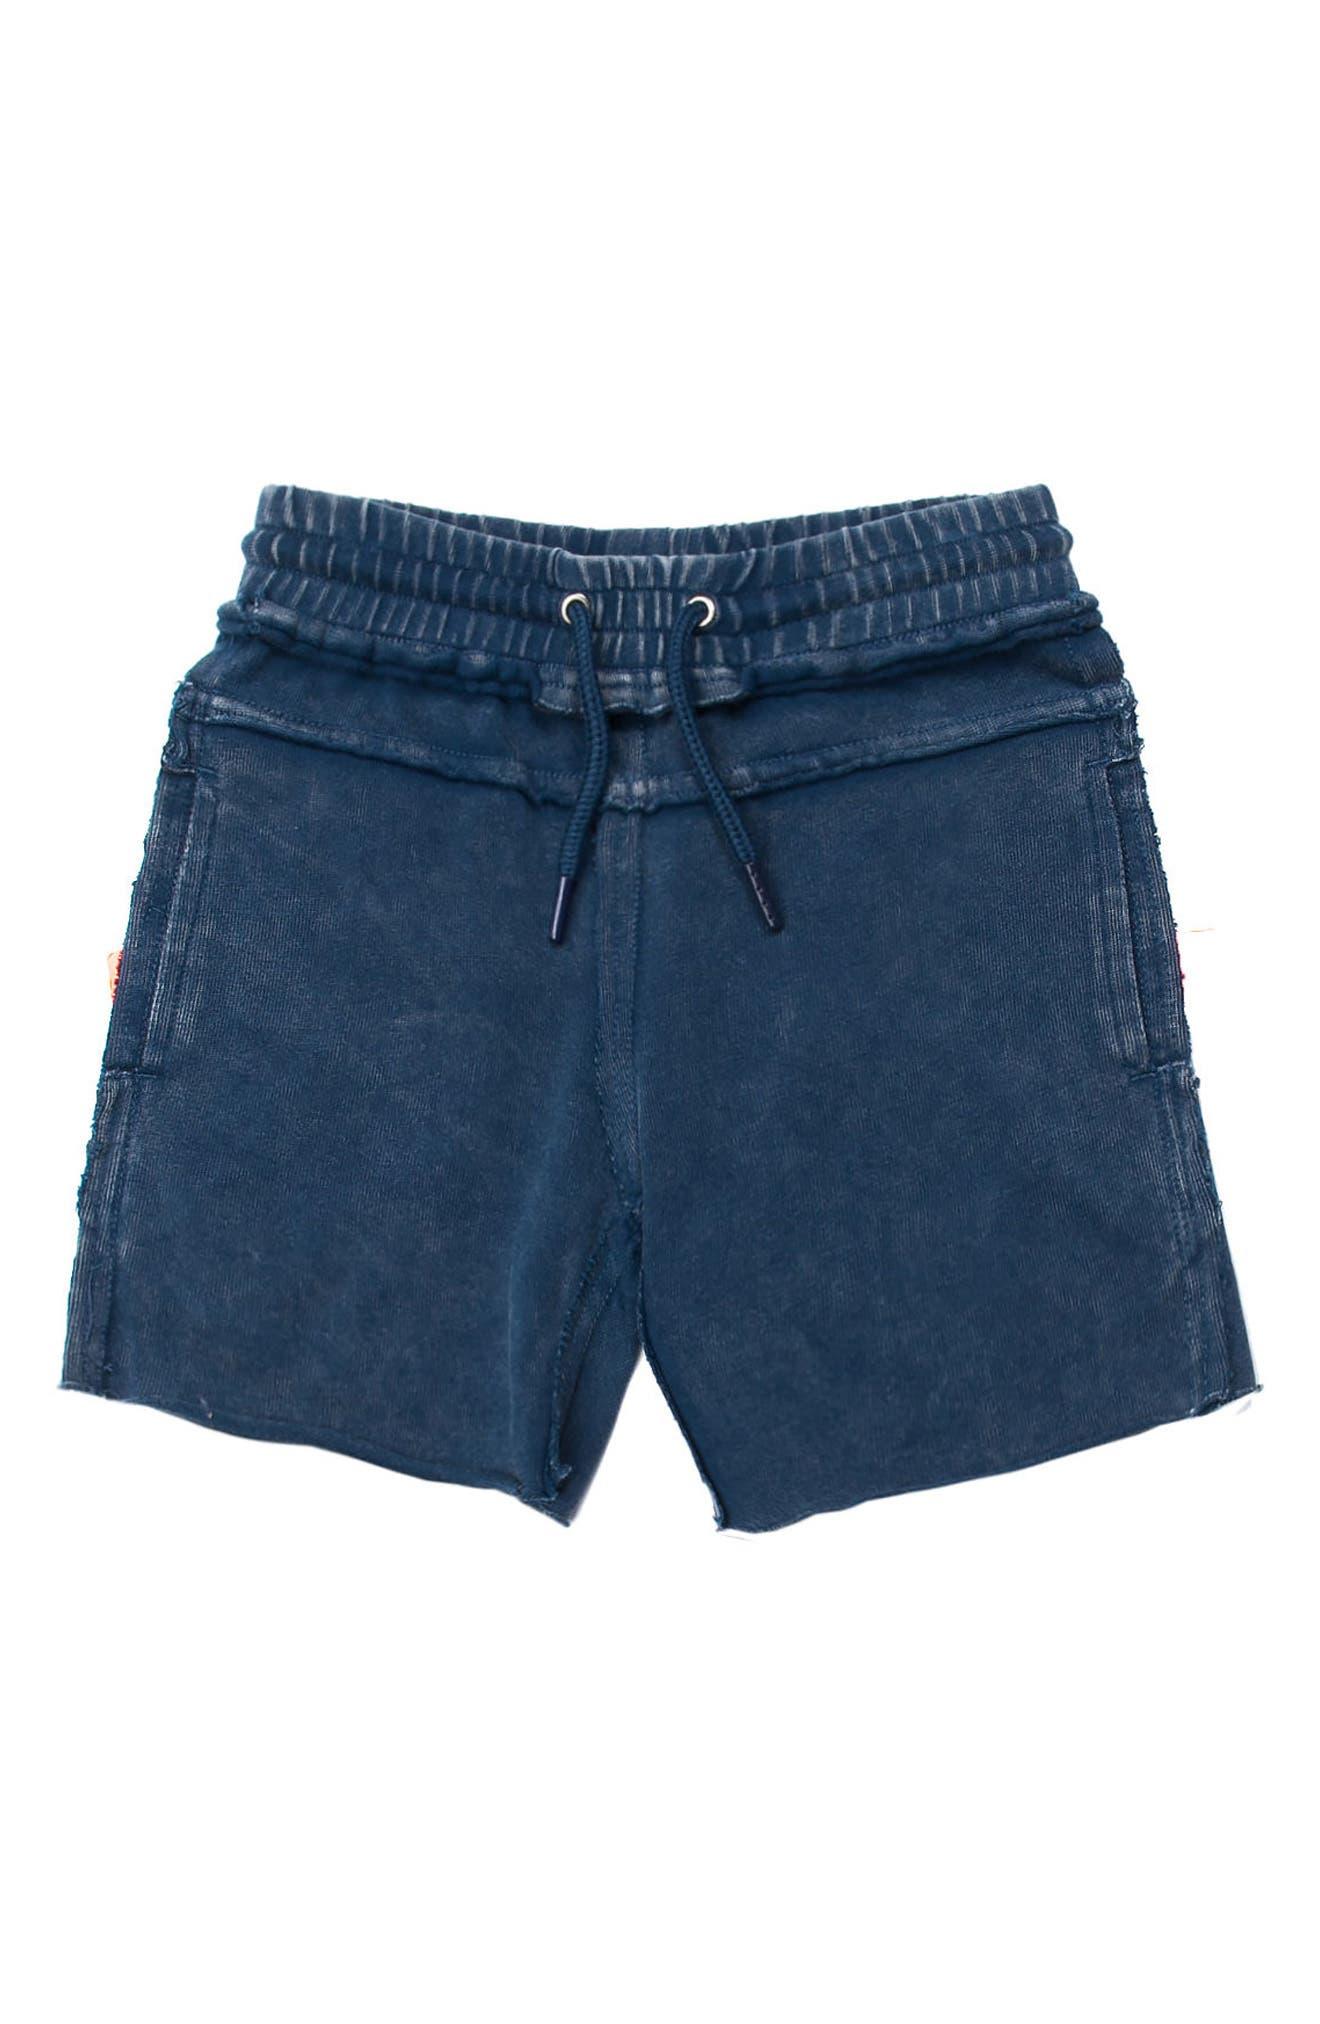 Kirk Knit Shorts,                         Main,                         color, NAVY